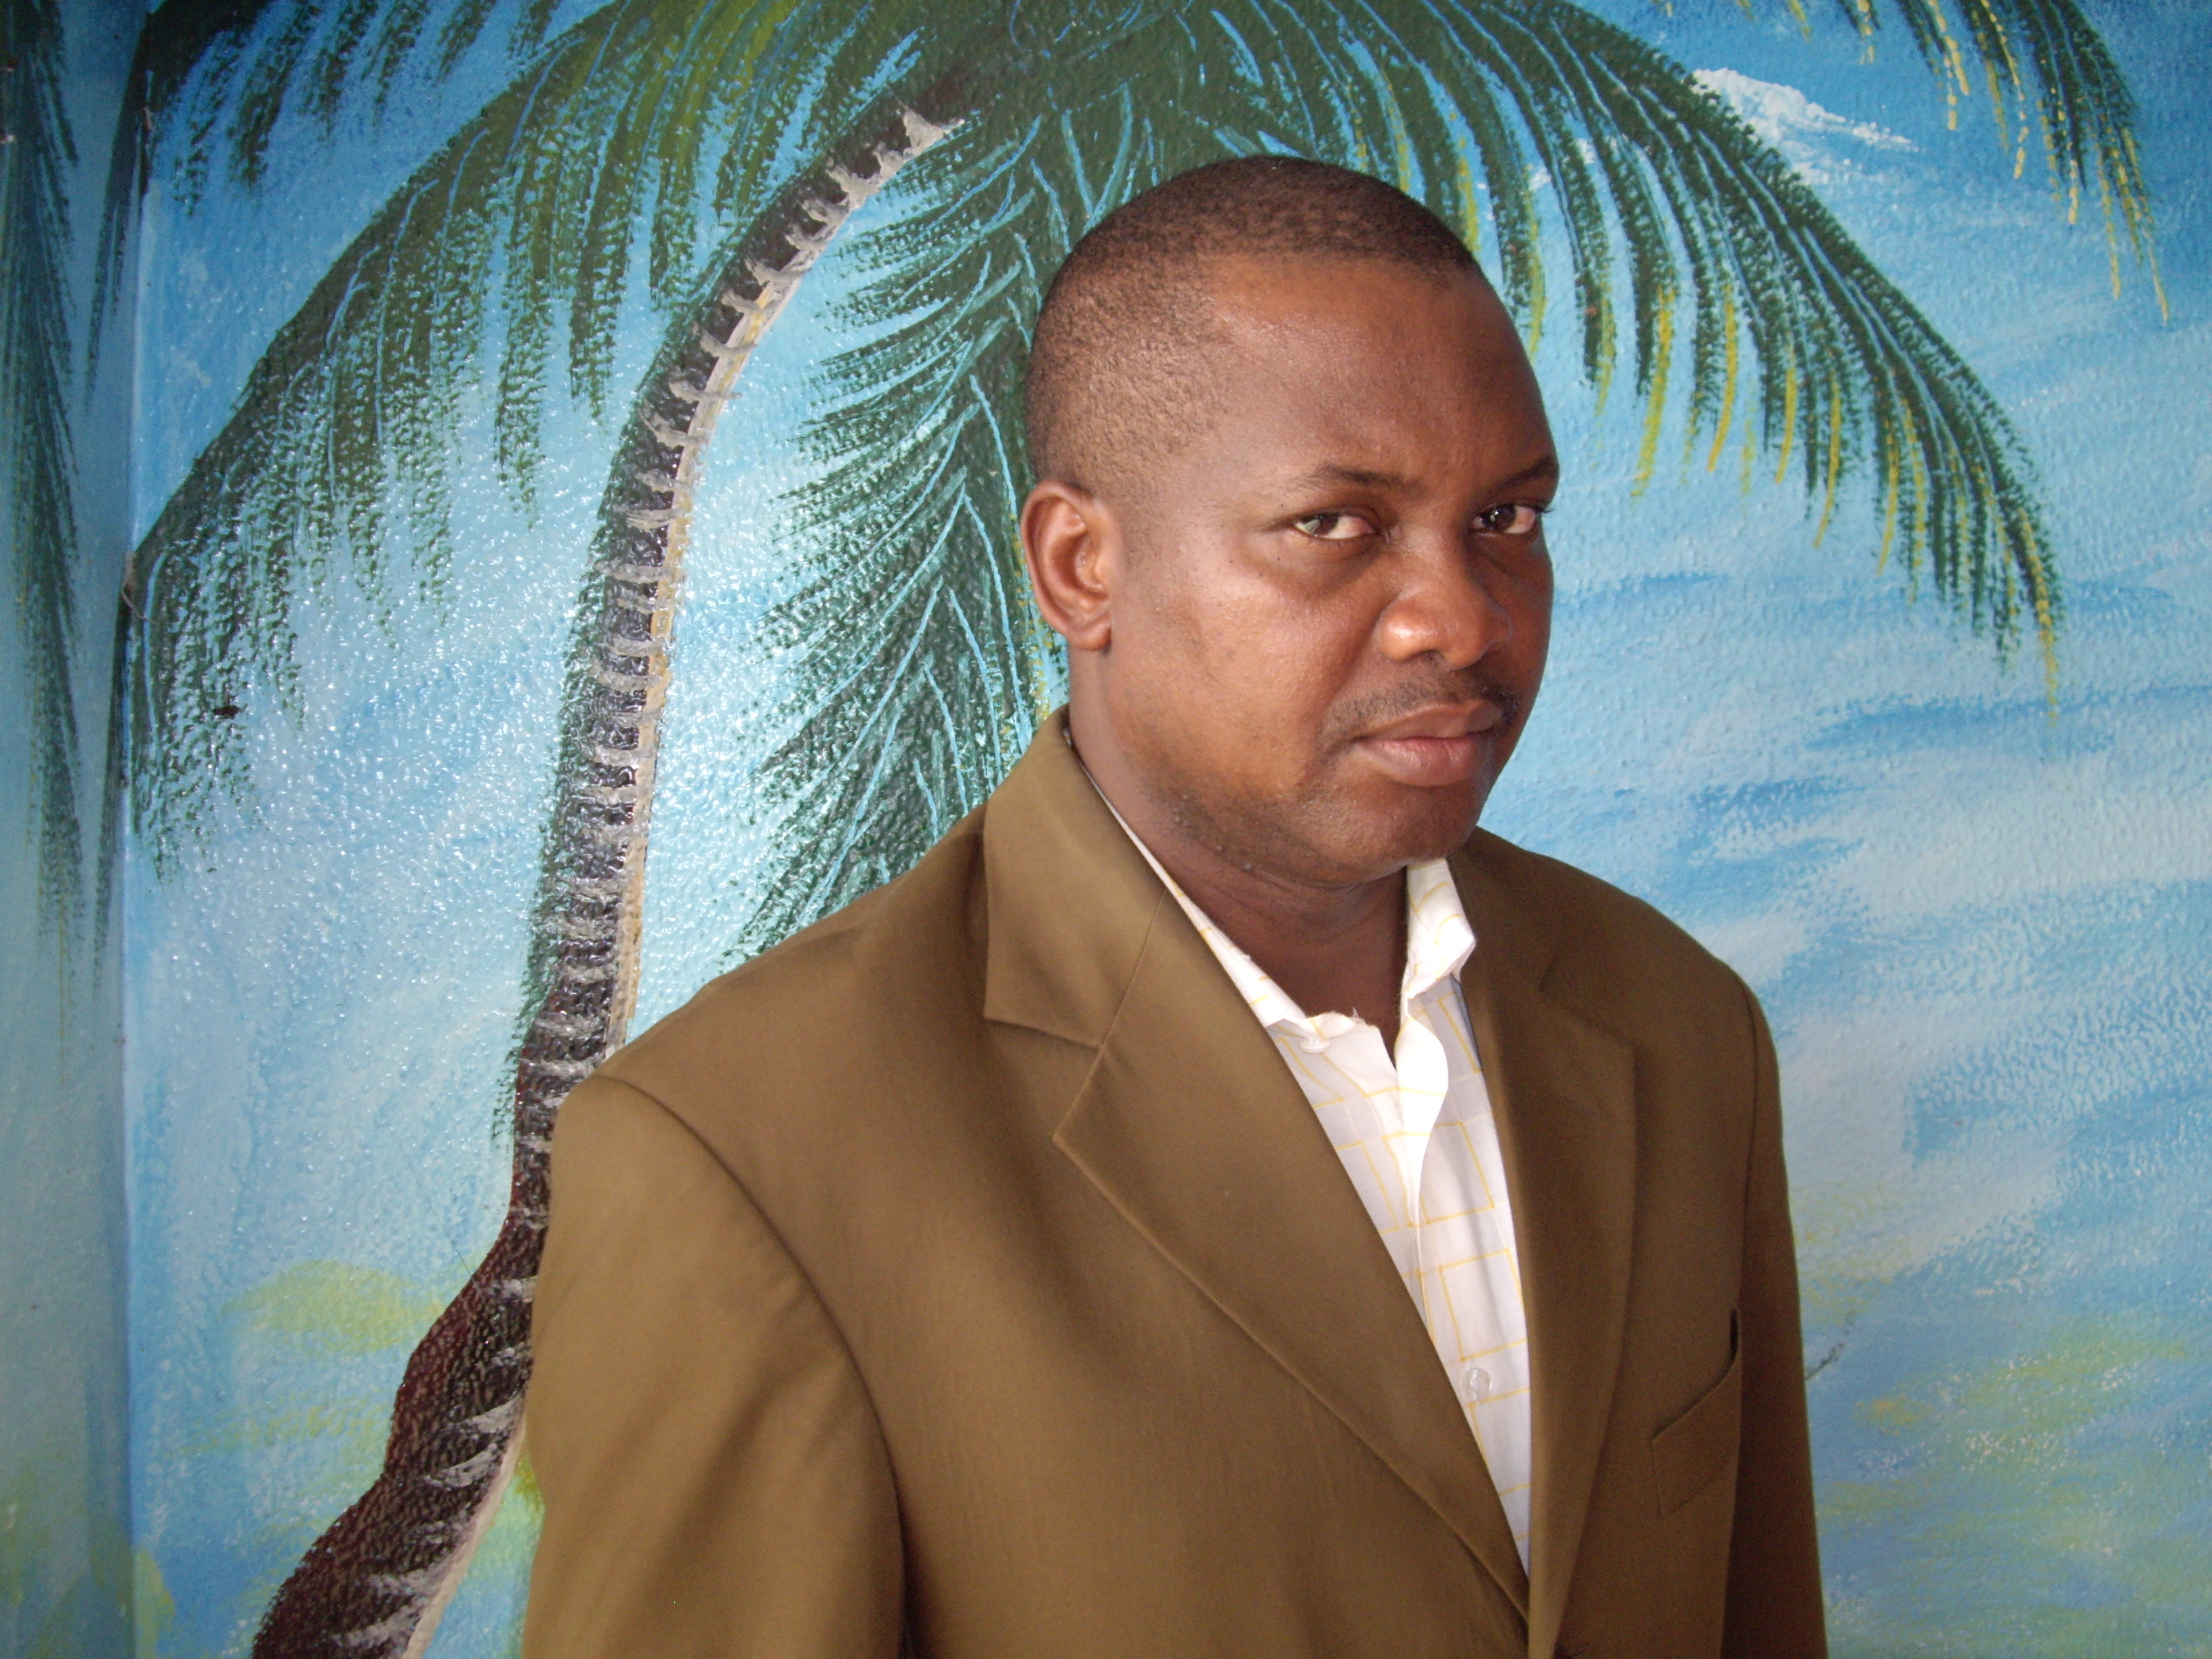 Hilaire Ko nouvel espoir pour la Présidence de la ligue de Basketball de Bangui